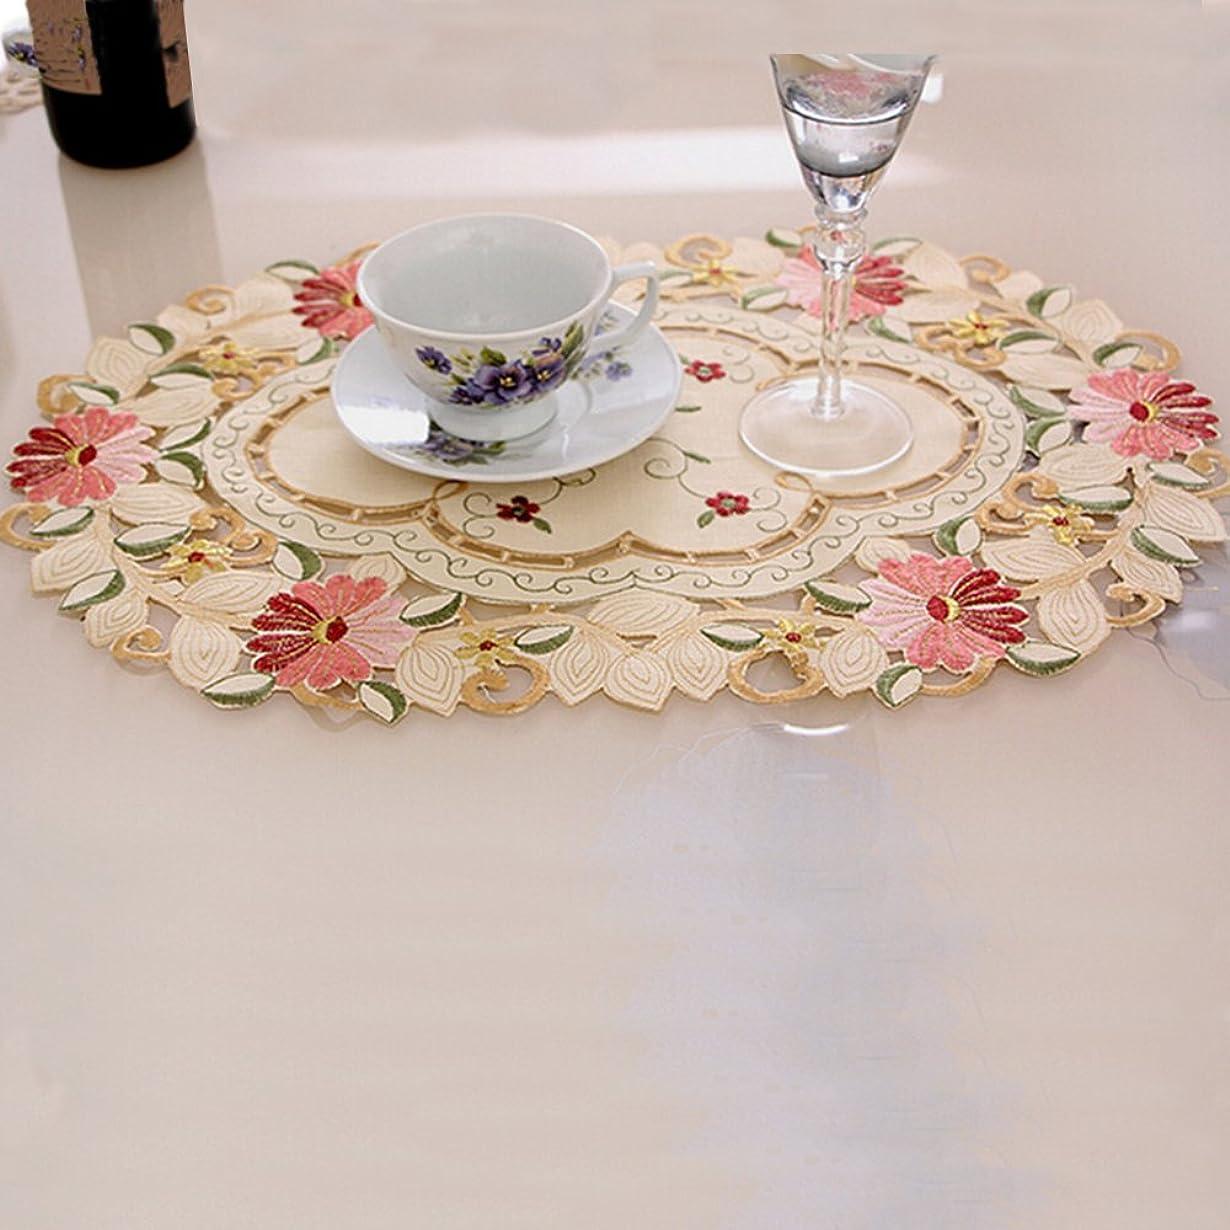 ボット幻滅舞い上がるファッションホーム- ランチョンマット カントリー ナチュラルな雰囲気へ 花の刺繍 透かし彫り 花瓶敷き ドイリー プレースマット 楕円